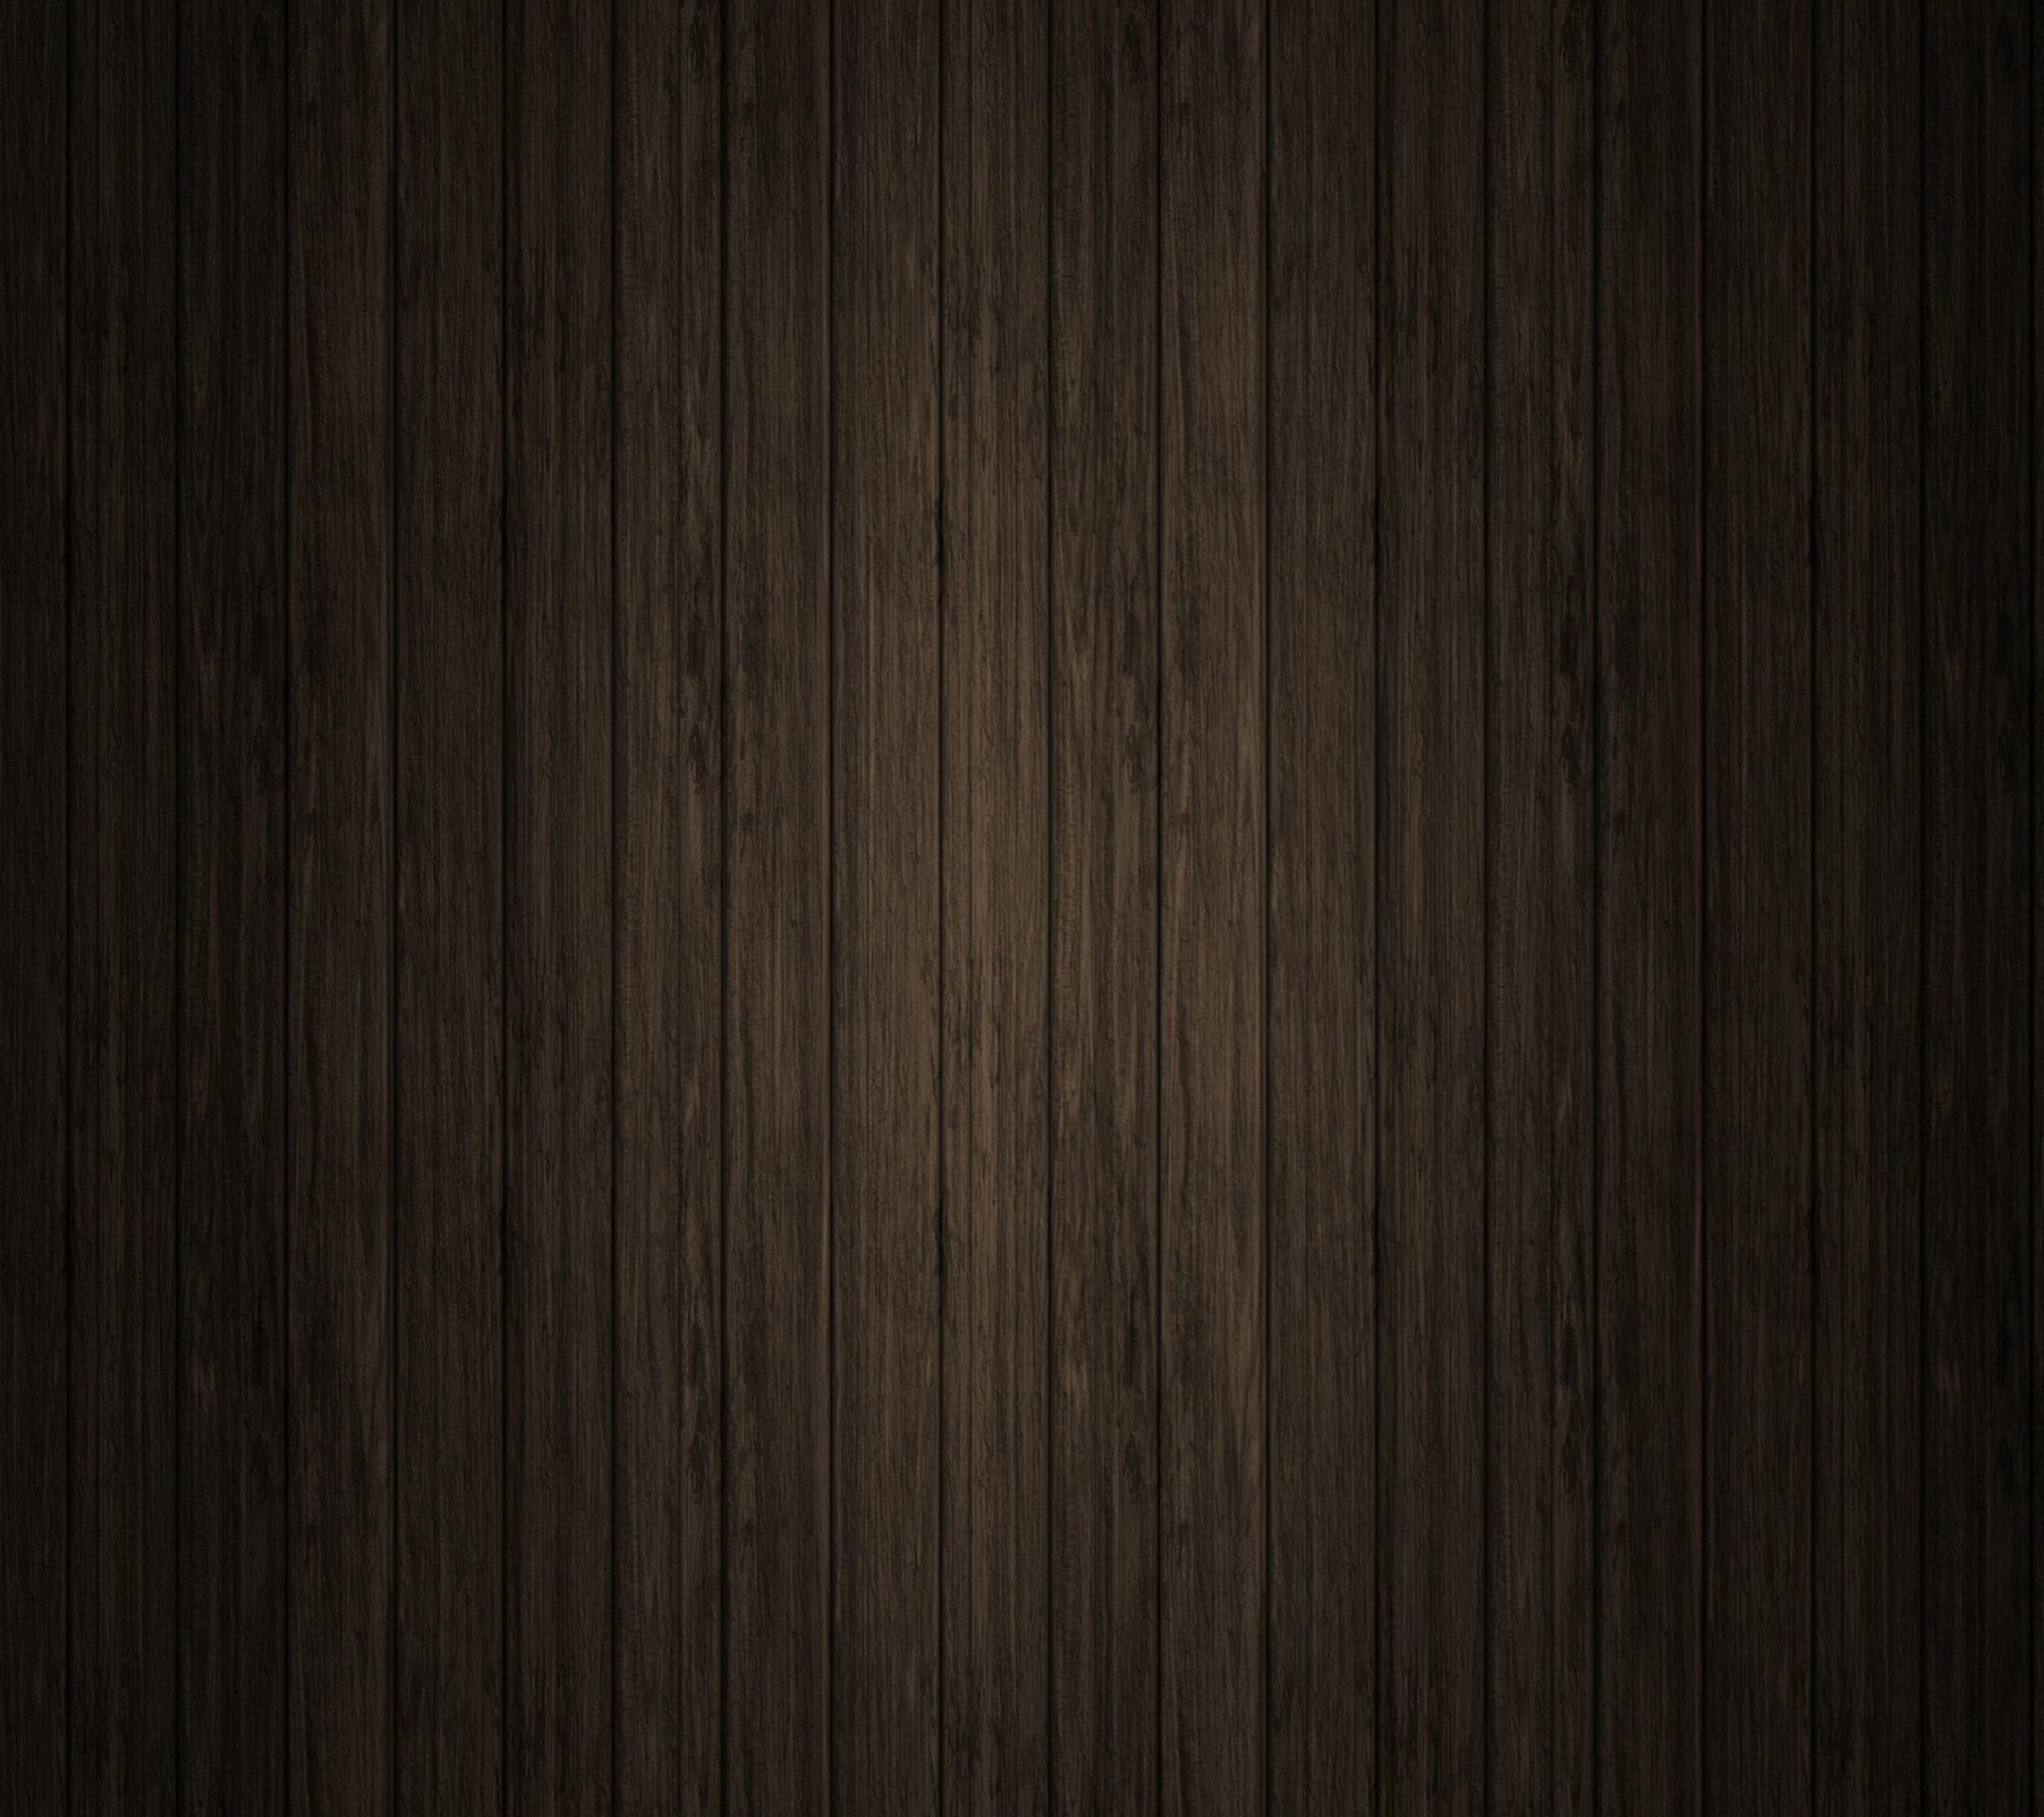 ダークウッド Android壁紙